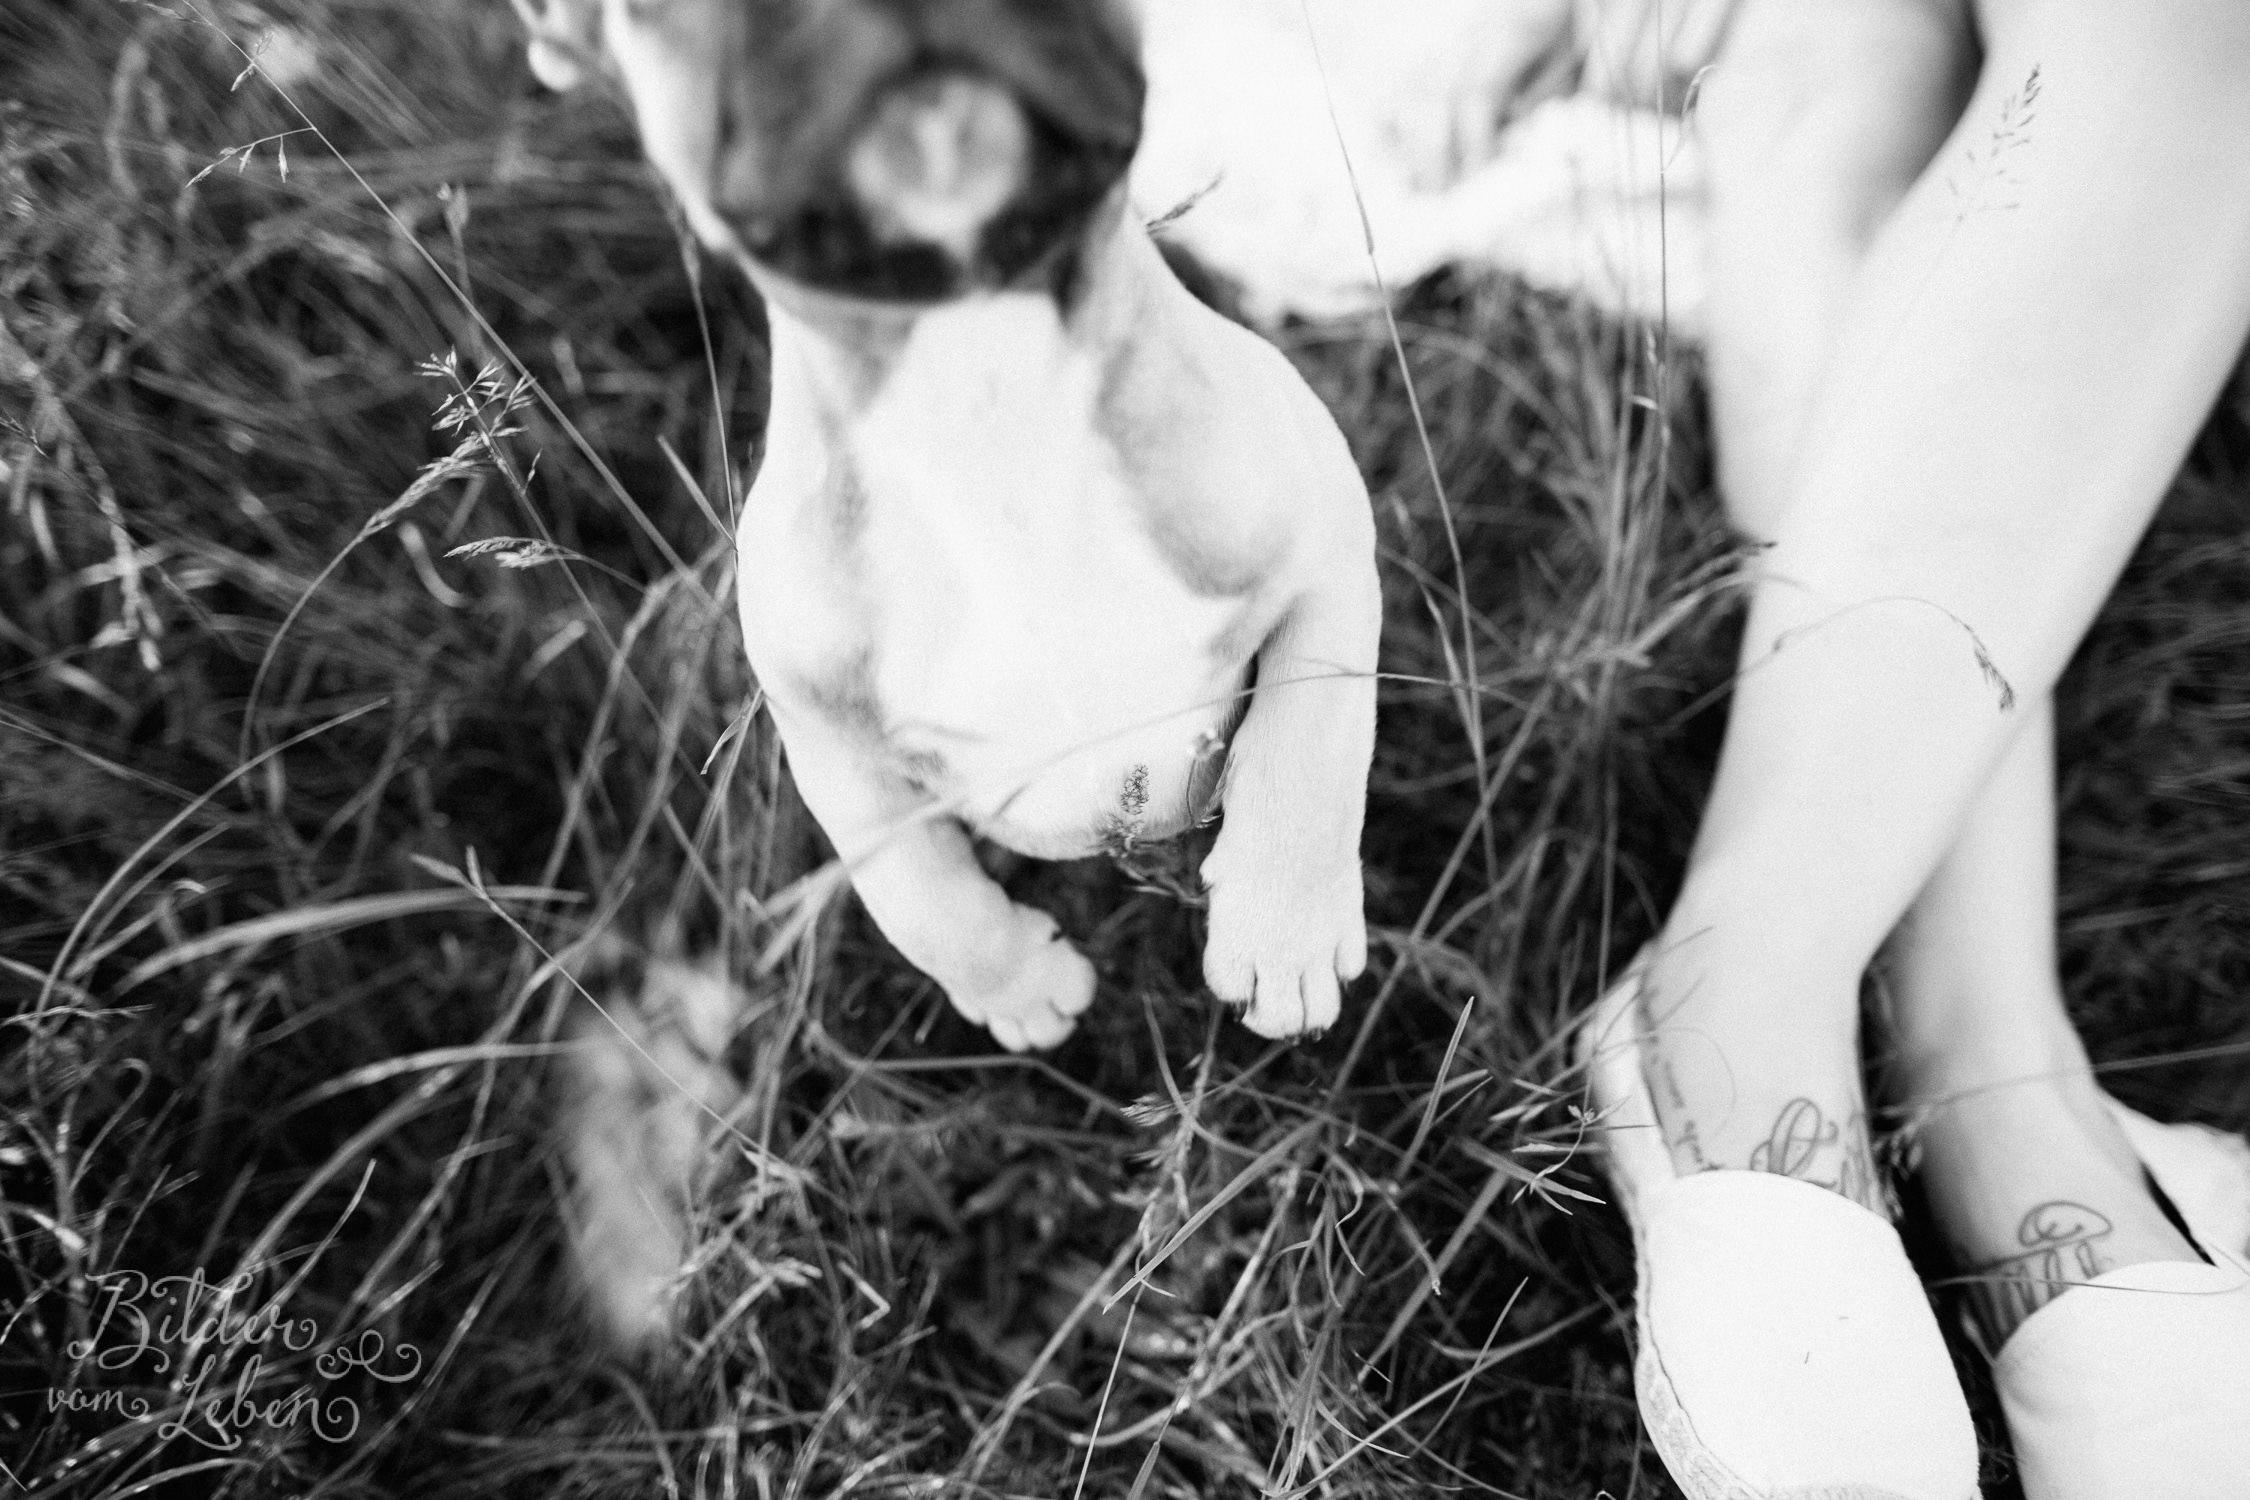 Franzoesische-Bulldogge-Portraits-BildervomLeben-2016-7411